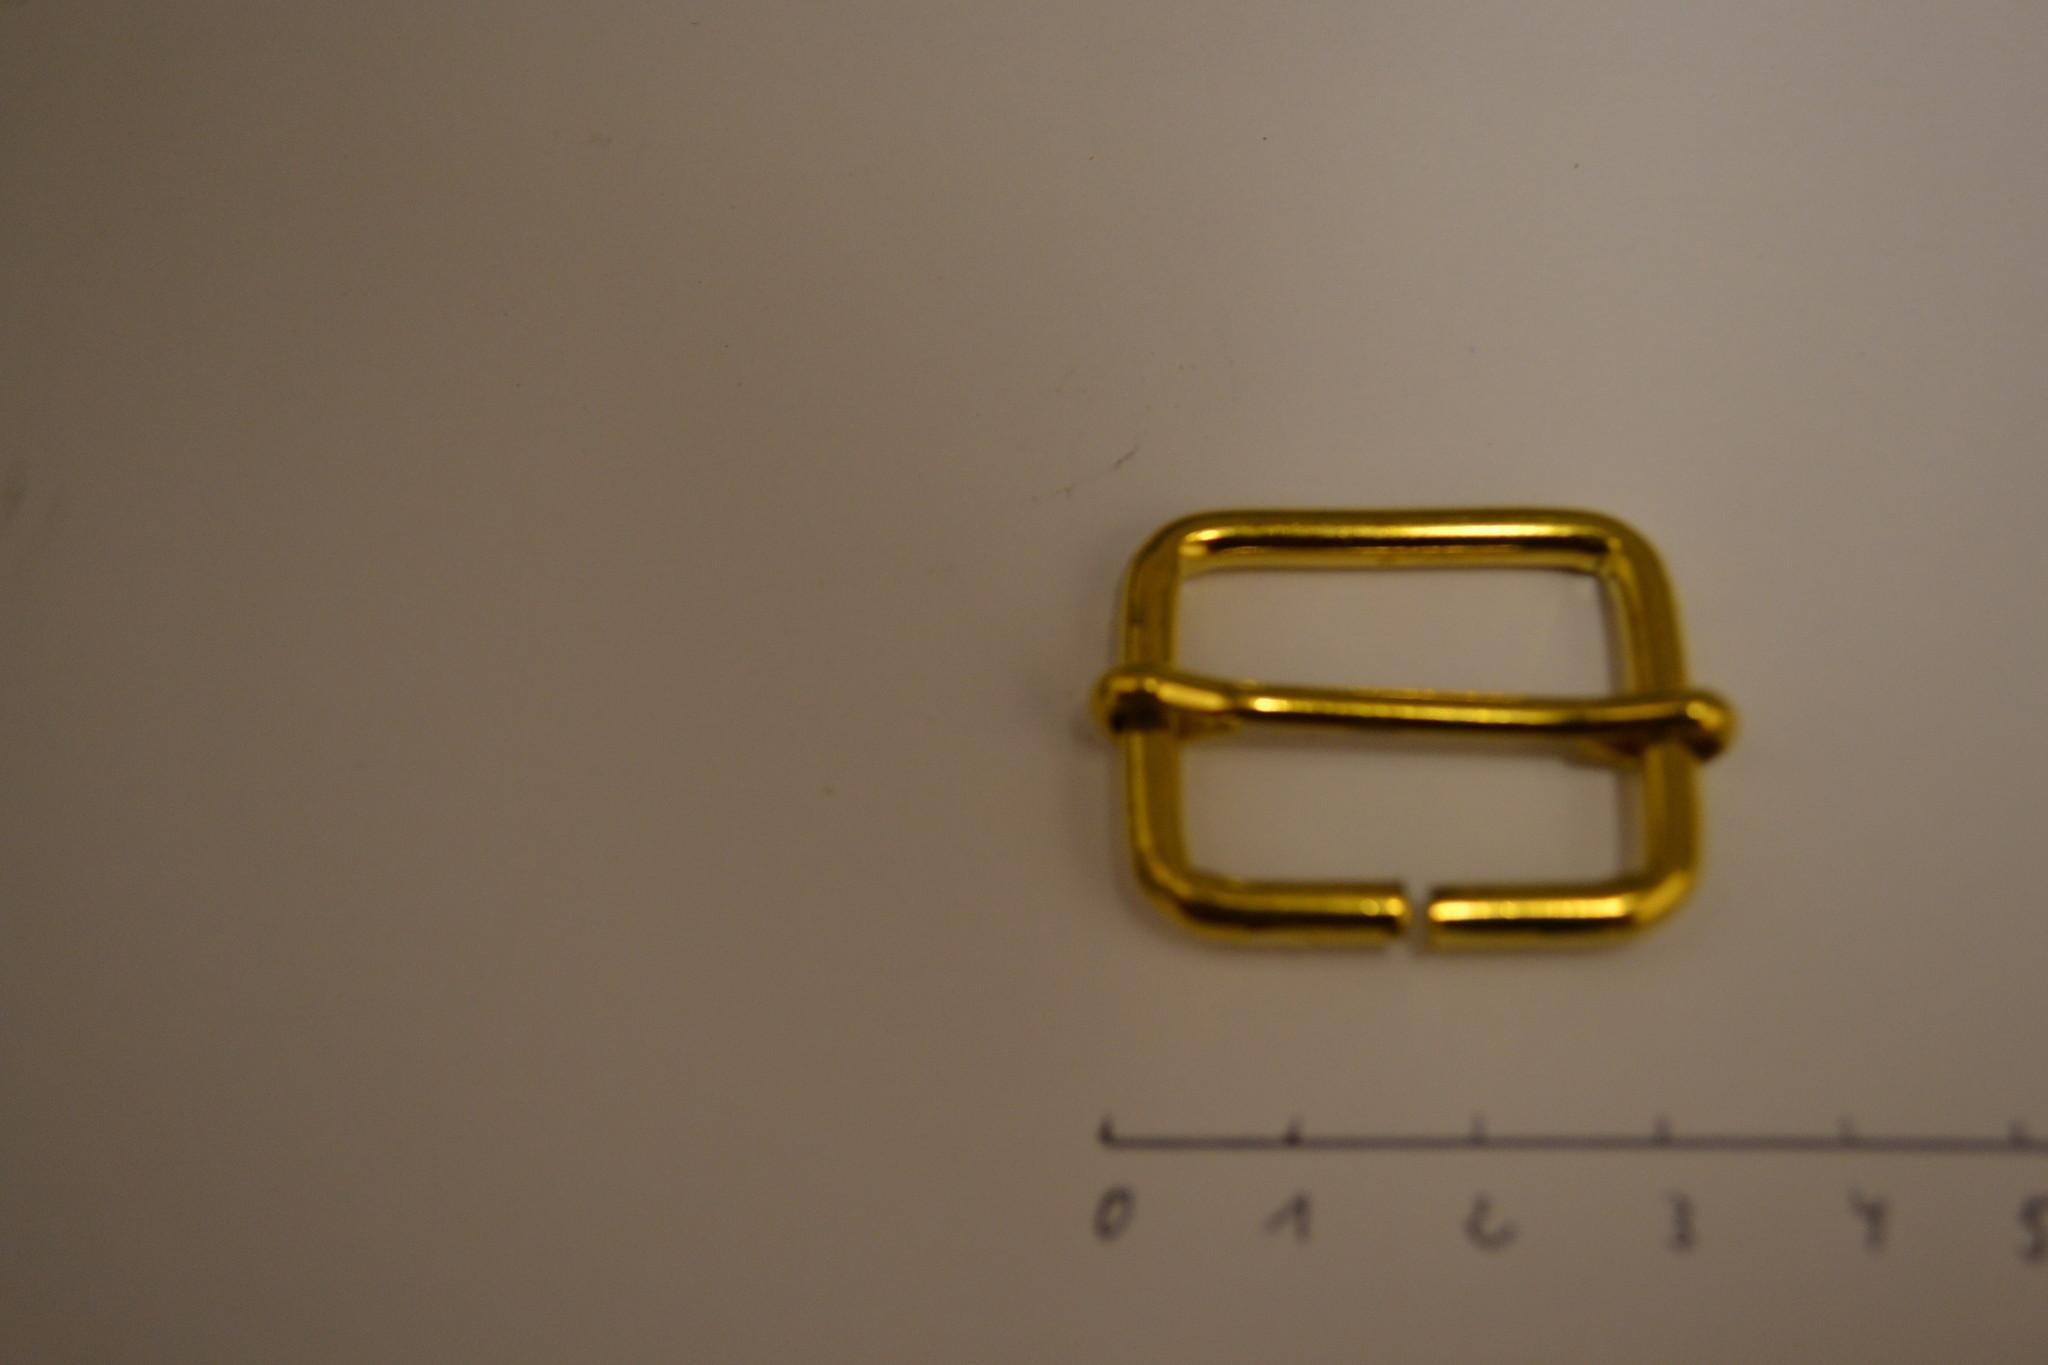 S28 Schuifgesp 25x20x3.5mm goud